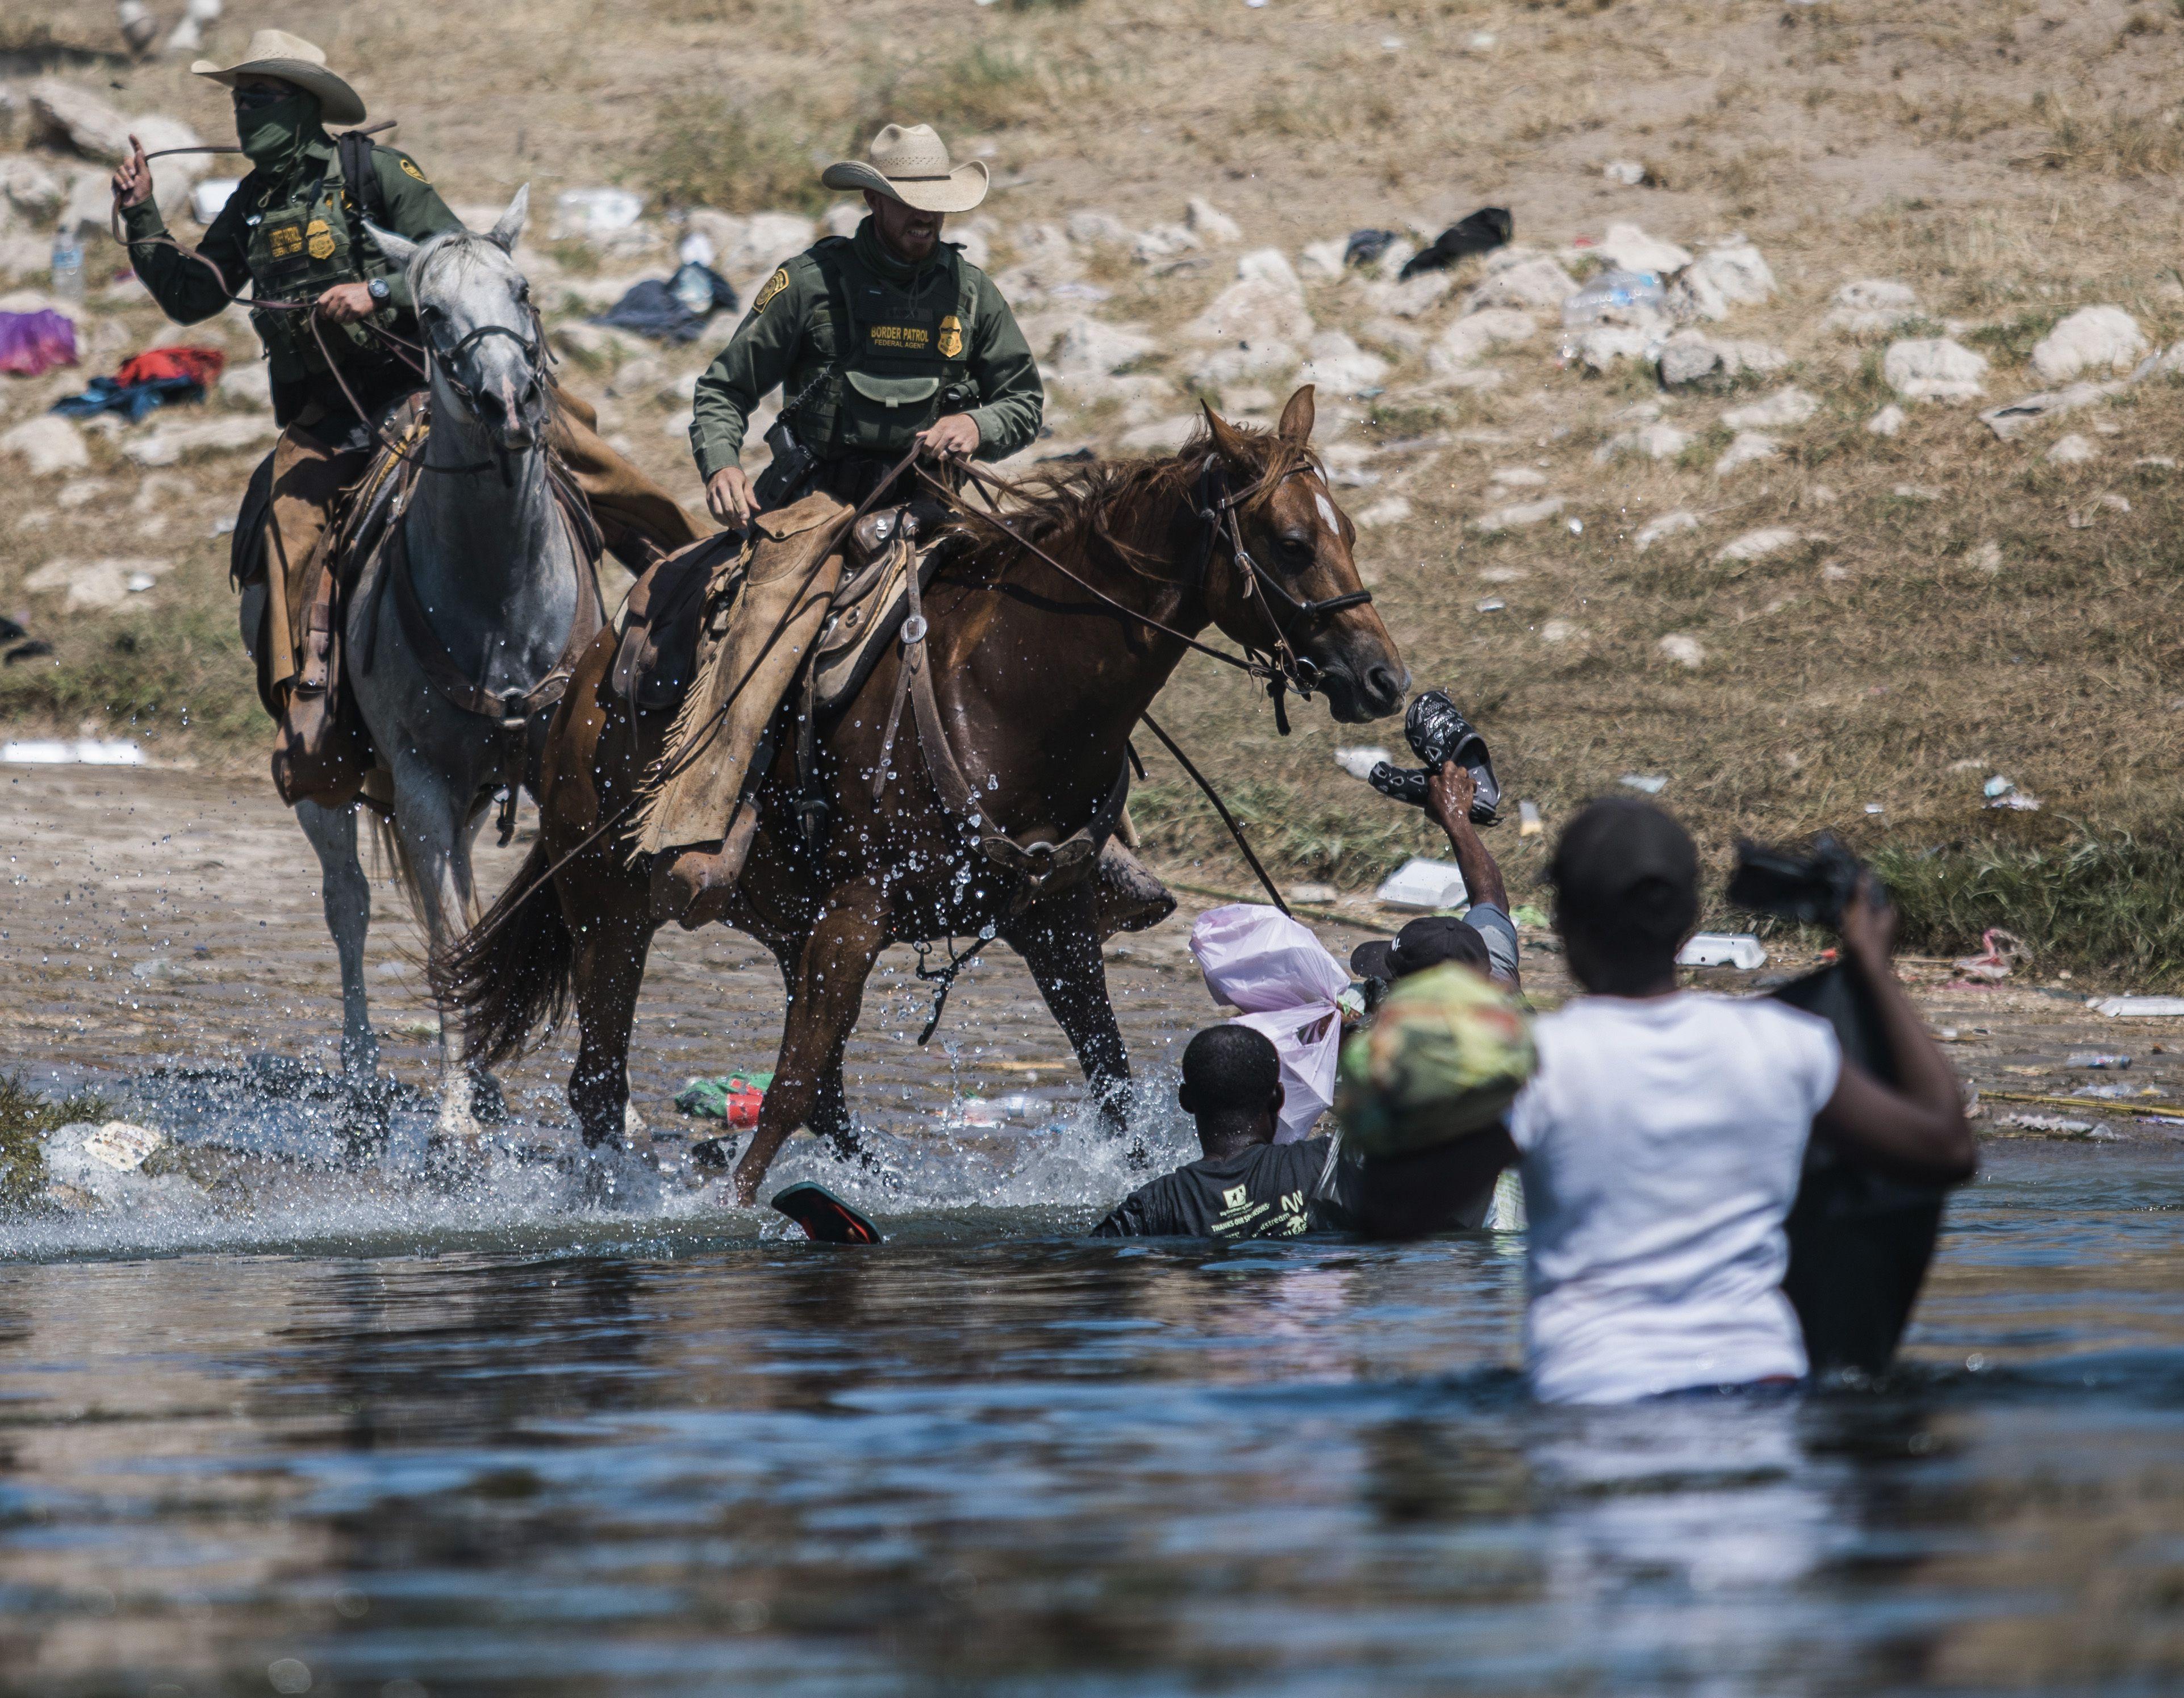 mayorkas horrorizado por imagenes de campamento migrante